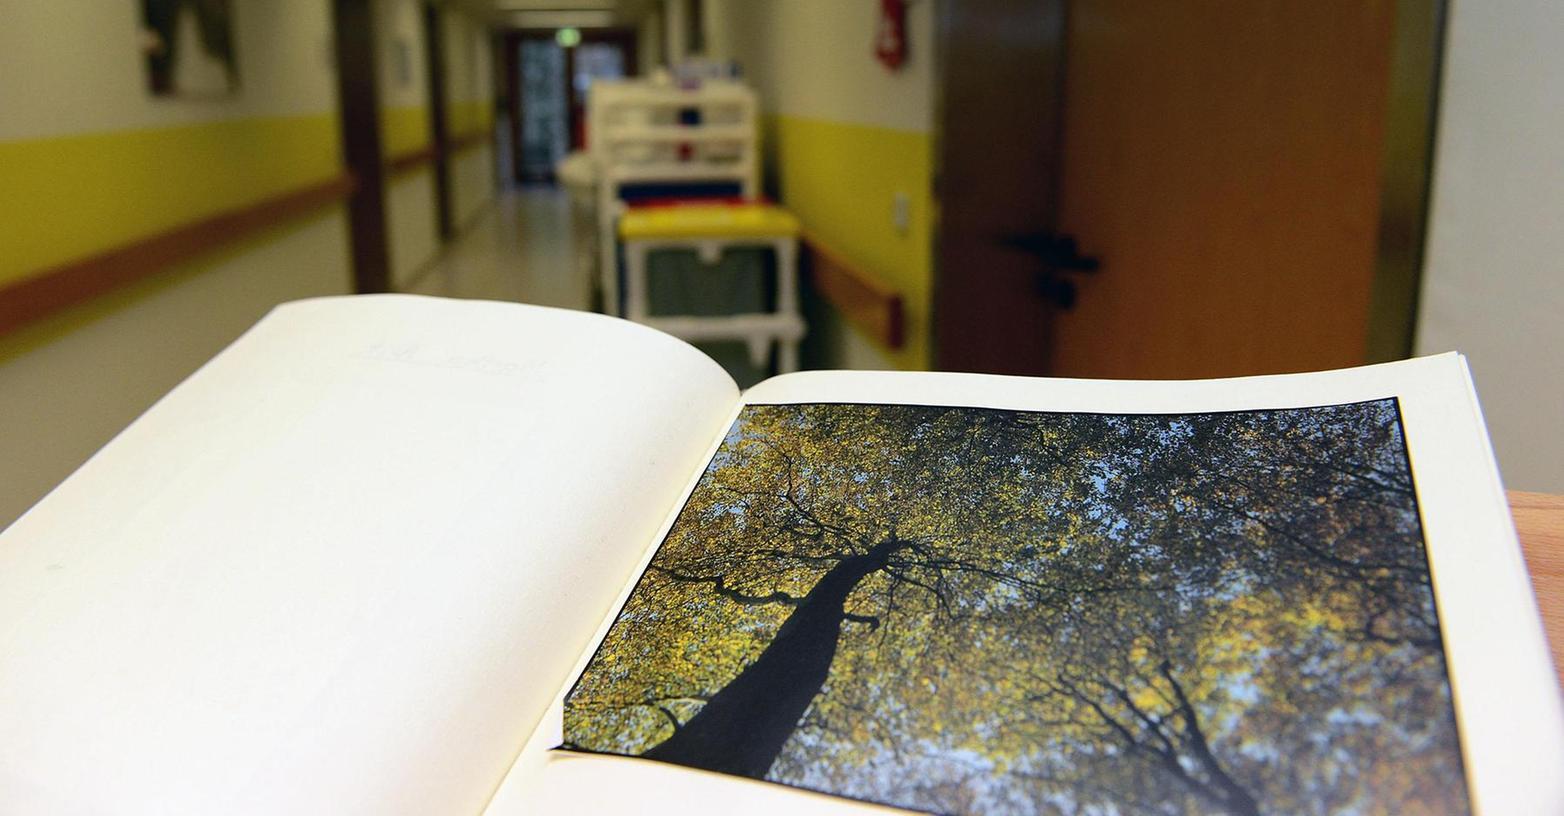 Braucht ein Mensch auf der letzten Strecke Lebensweg intensive Begleitung, kann er im Awo-Seniorenheim Zirndorfs Aufnahme finden. Vier Zimmer stehen dem Hospizverein in einem Trakt derzeit zur Verfügung, sie reichen nicht.